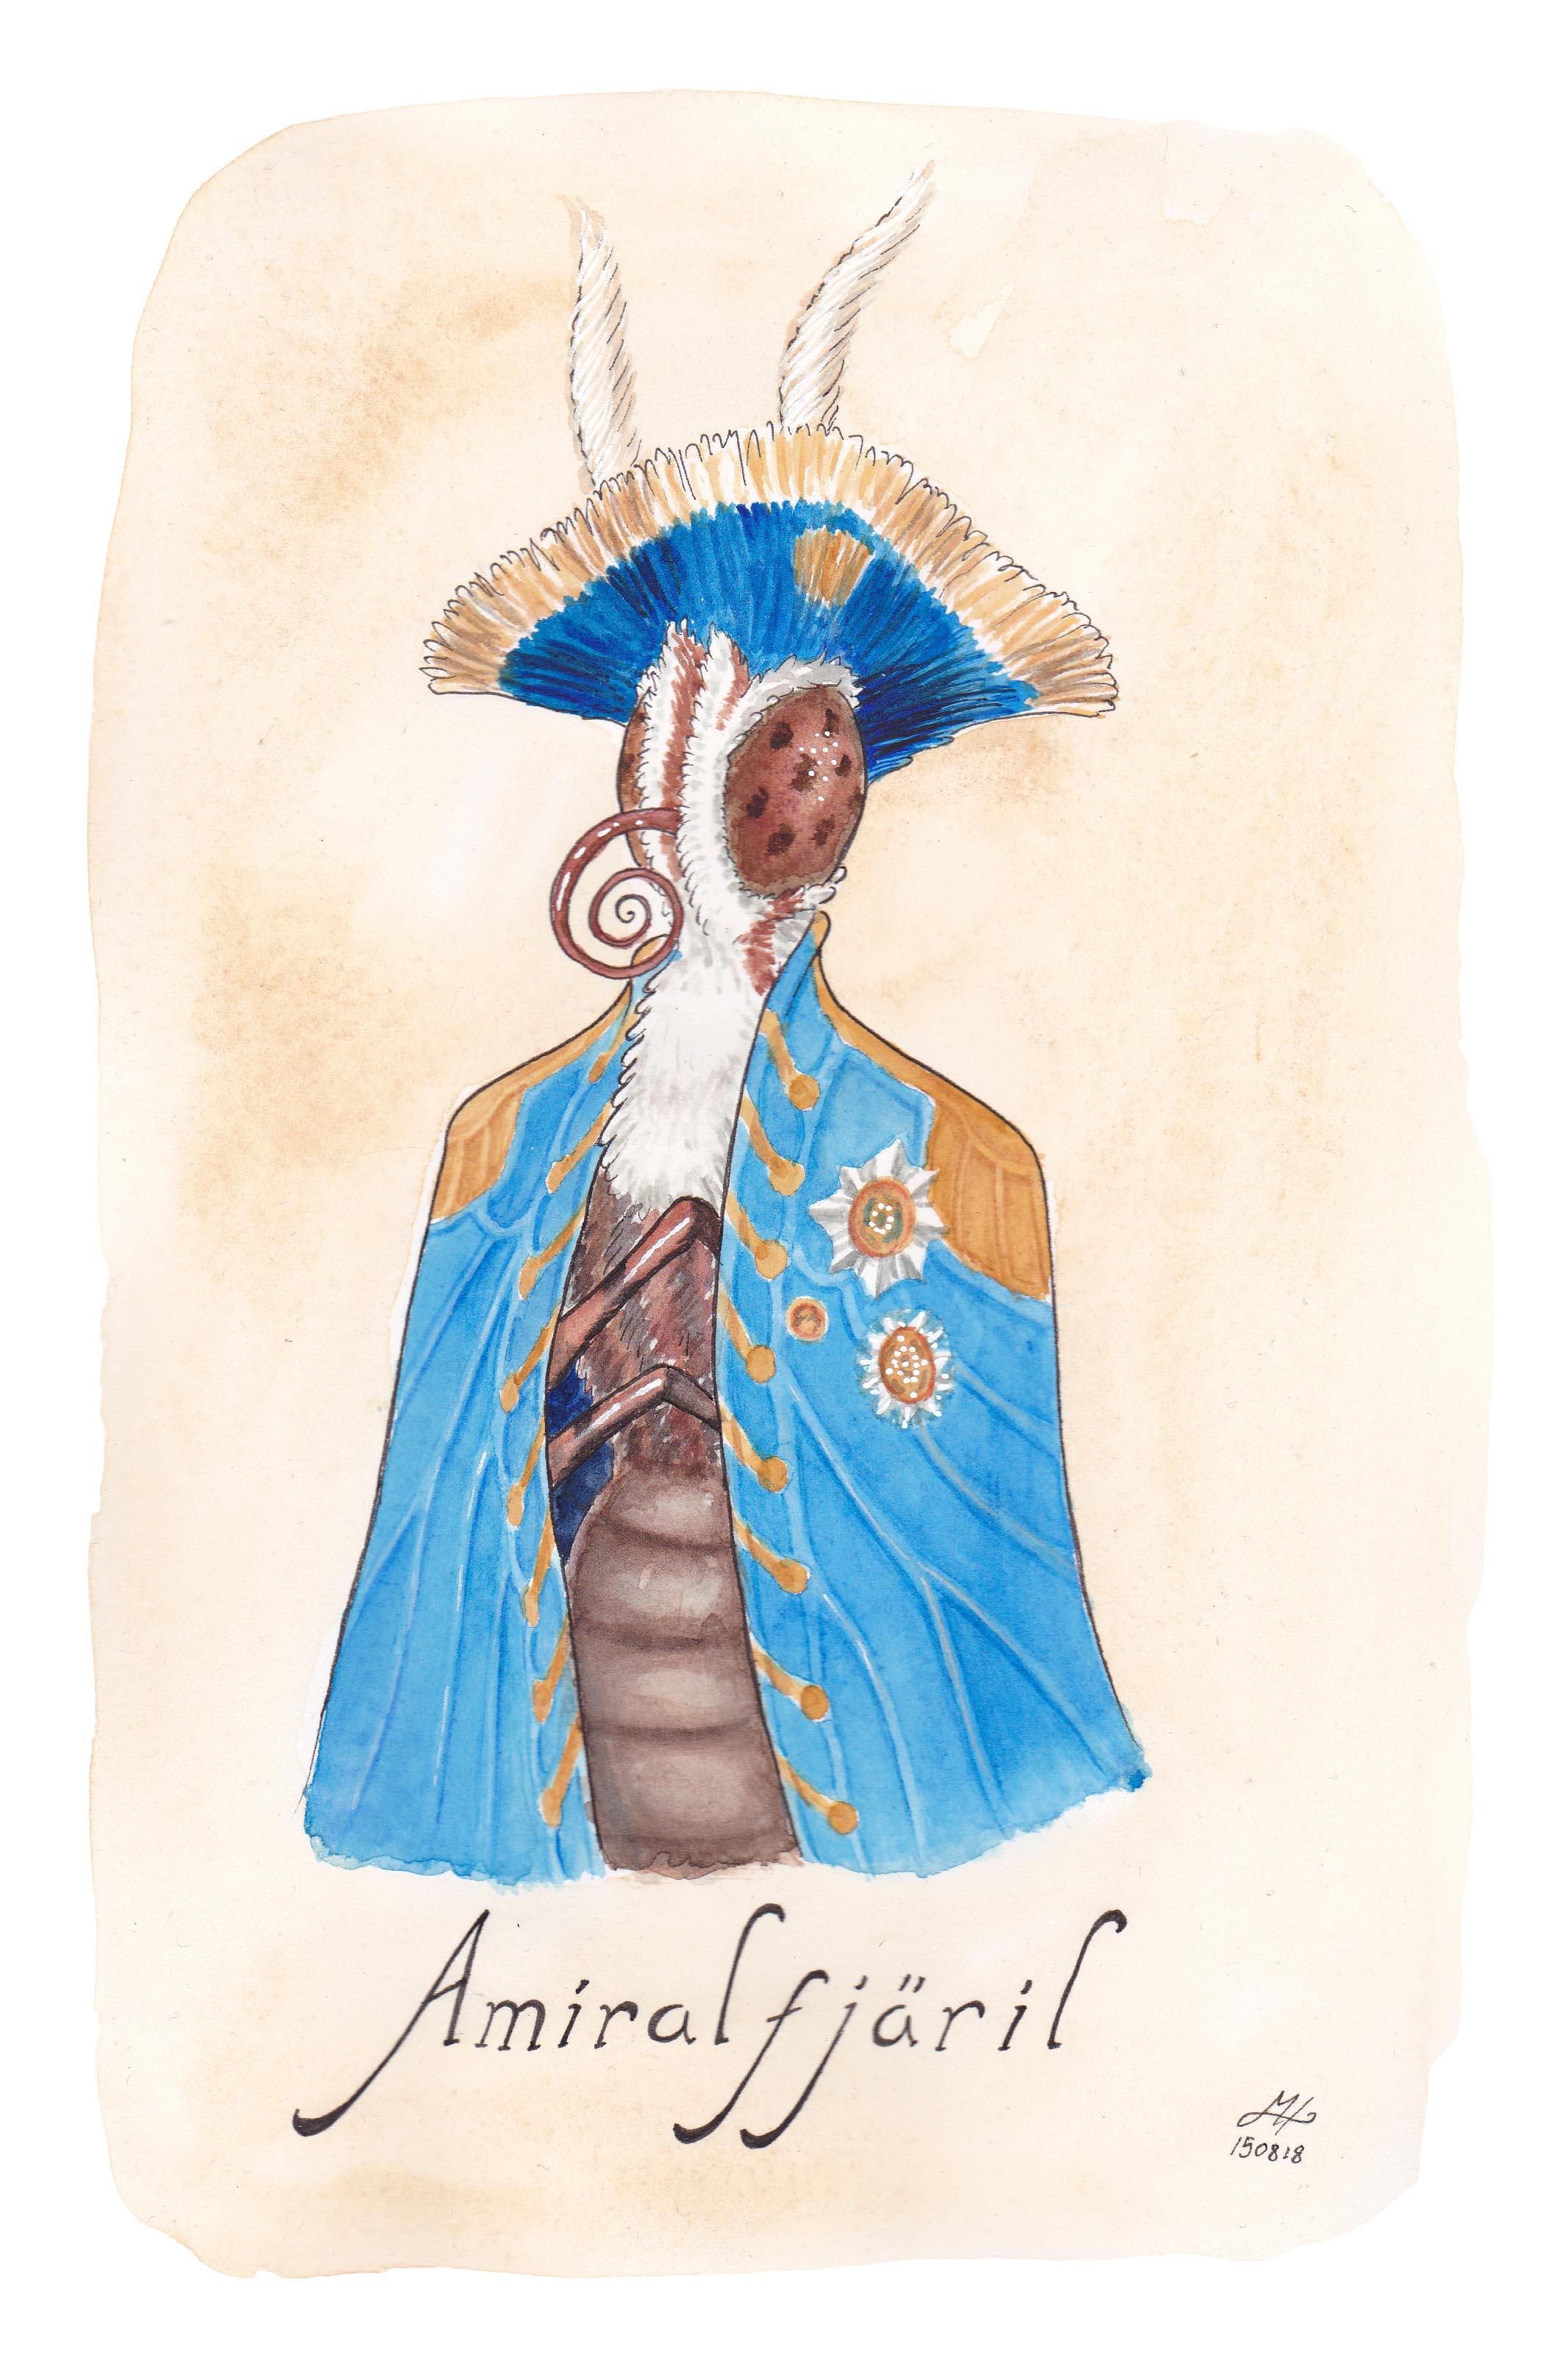 amiralfjäril illustrerad ordvits